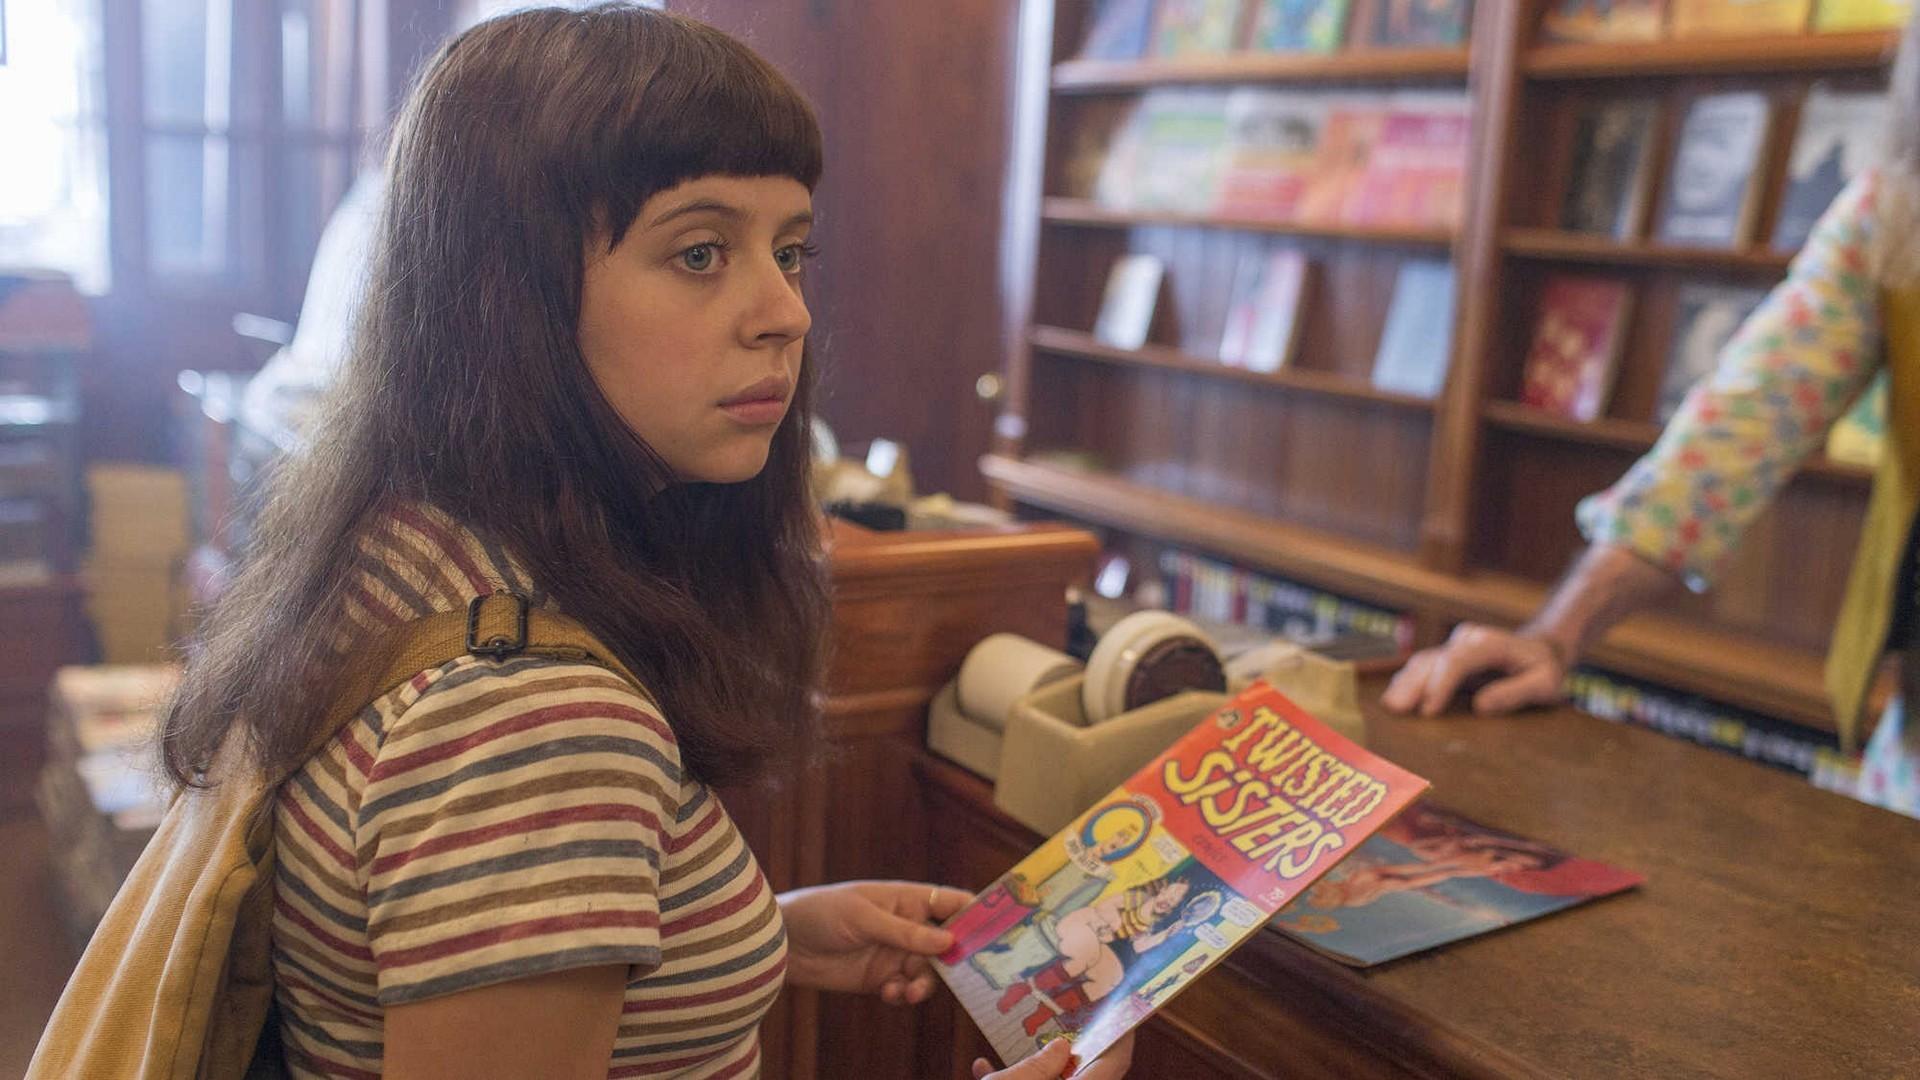 Дневник девочки-подростка смотреть фото